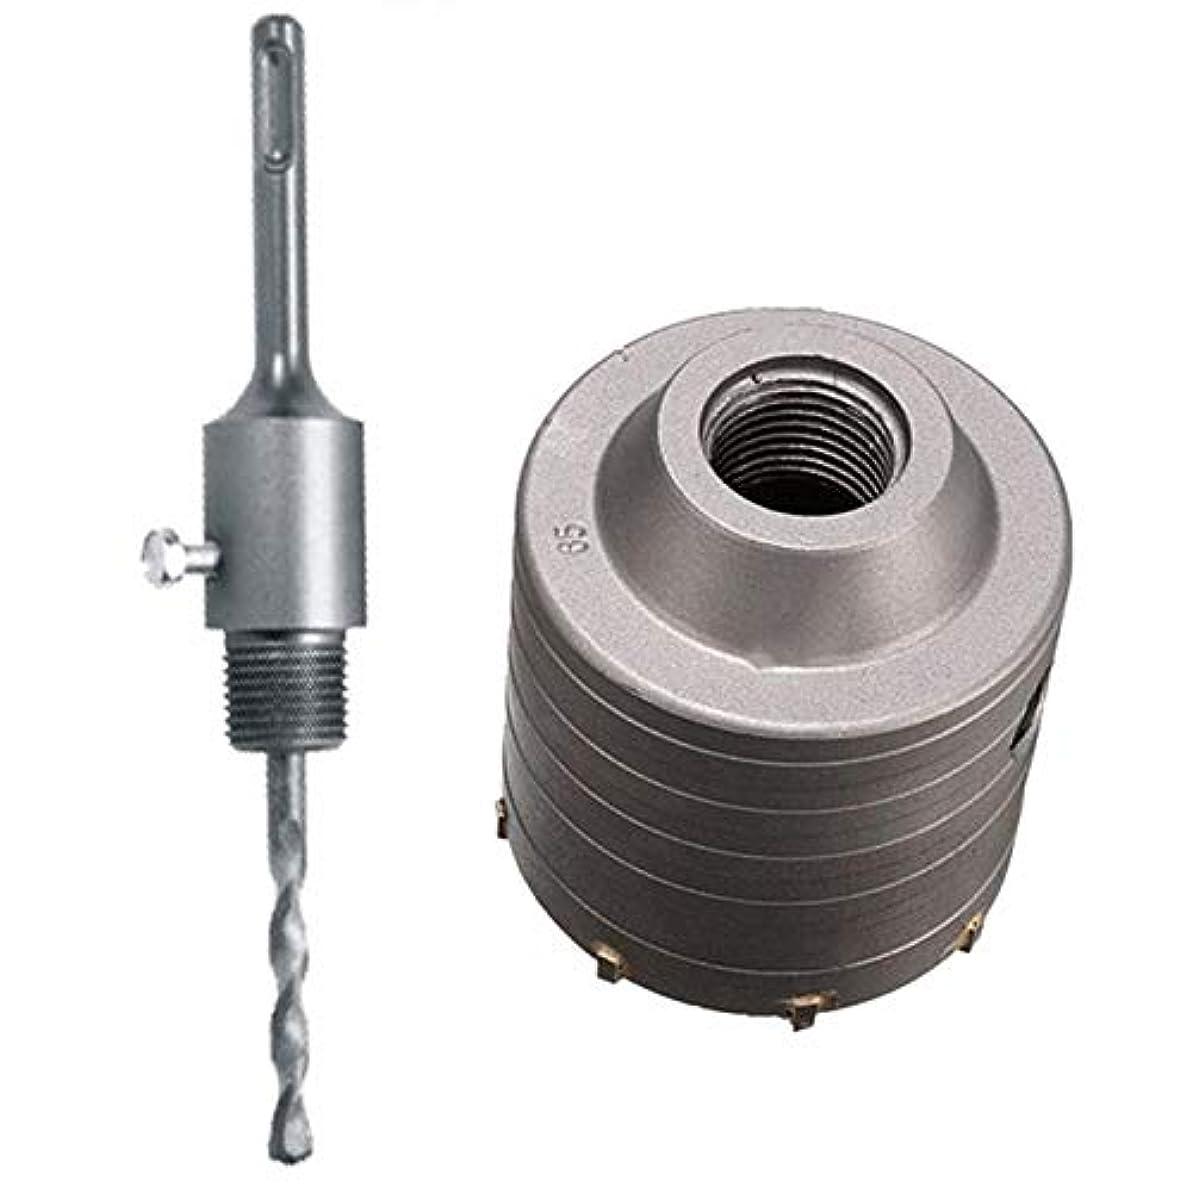 変更可能ご近所爪SNOWINSPRING 1セットsdsプラス80ミリメートルコンクリート穴のこぎり電気中空コアドリルビットシャンク110ミリメートルセメント石壁エアコン合金